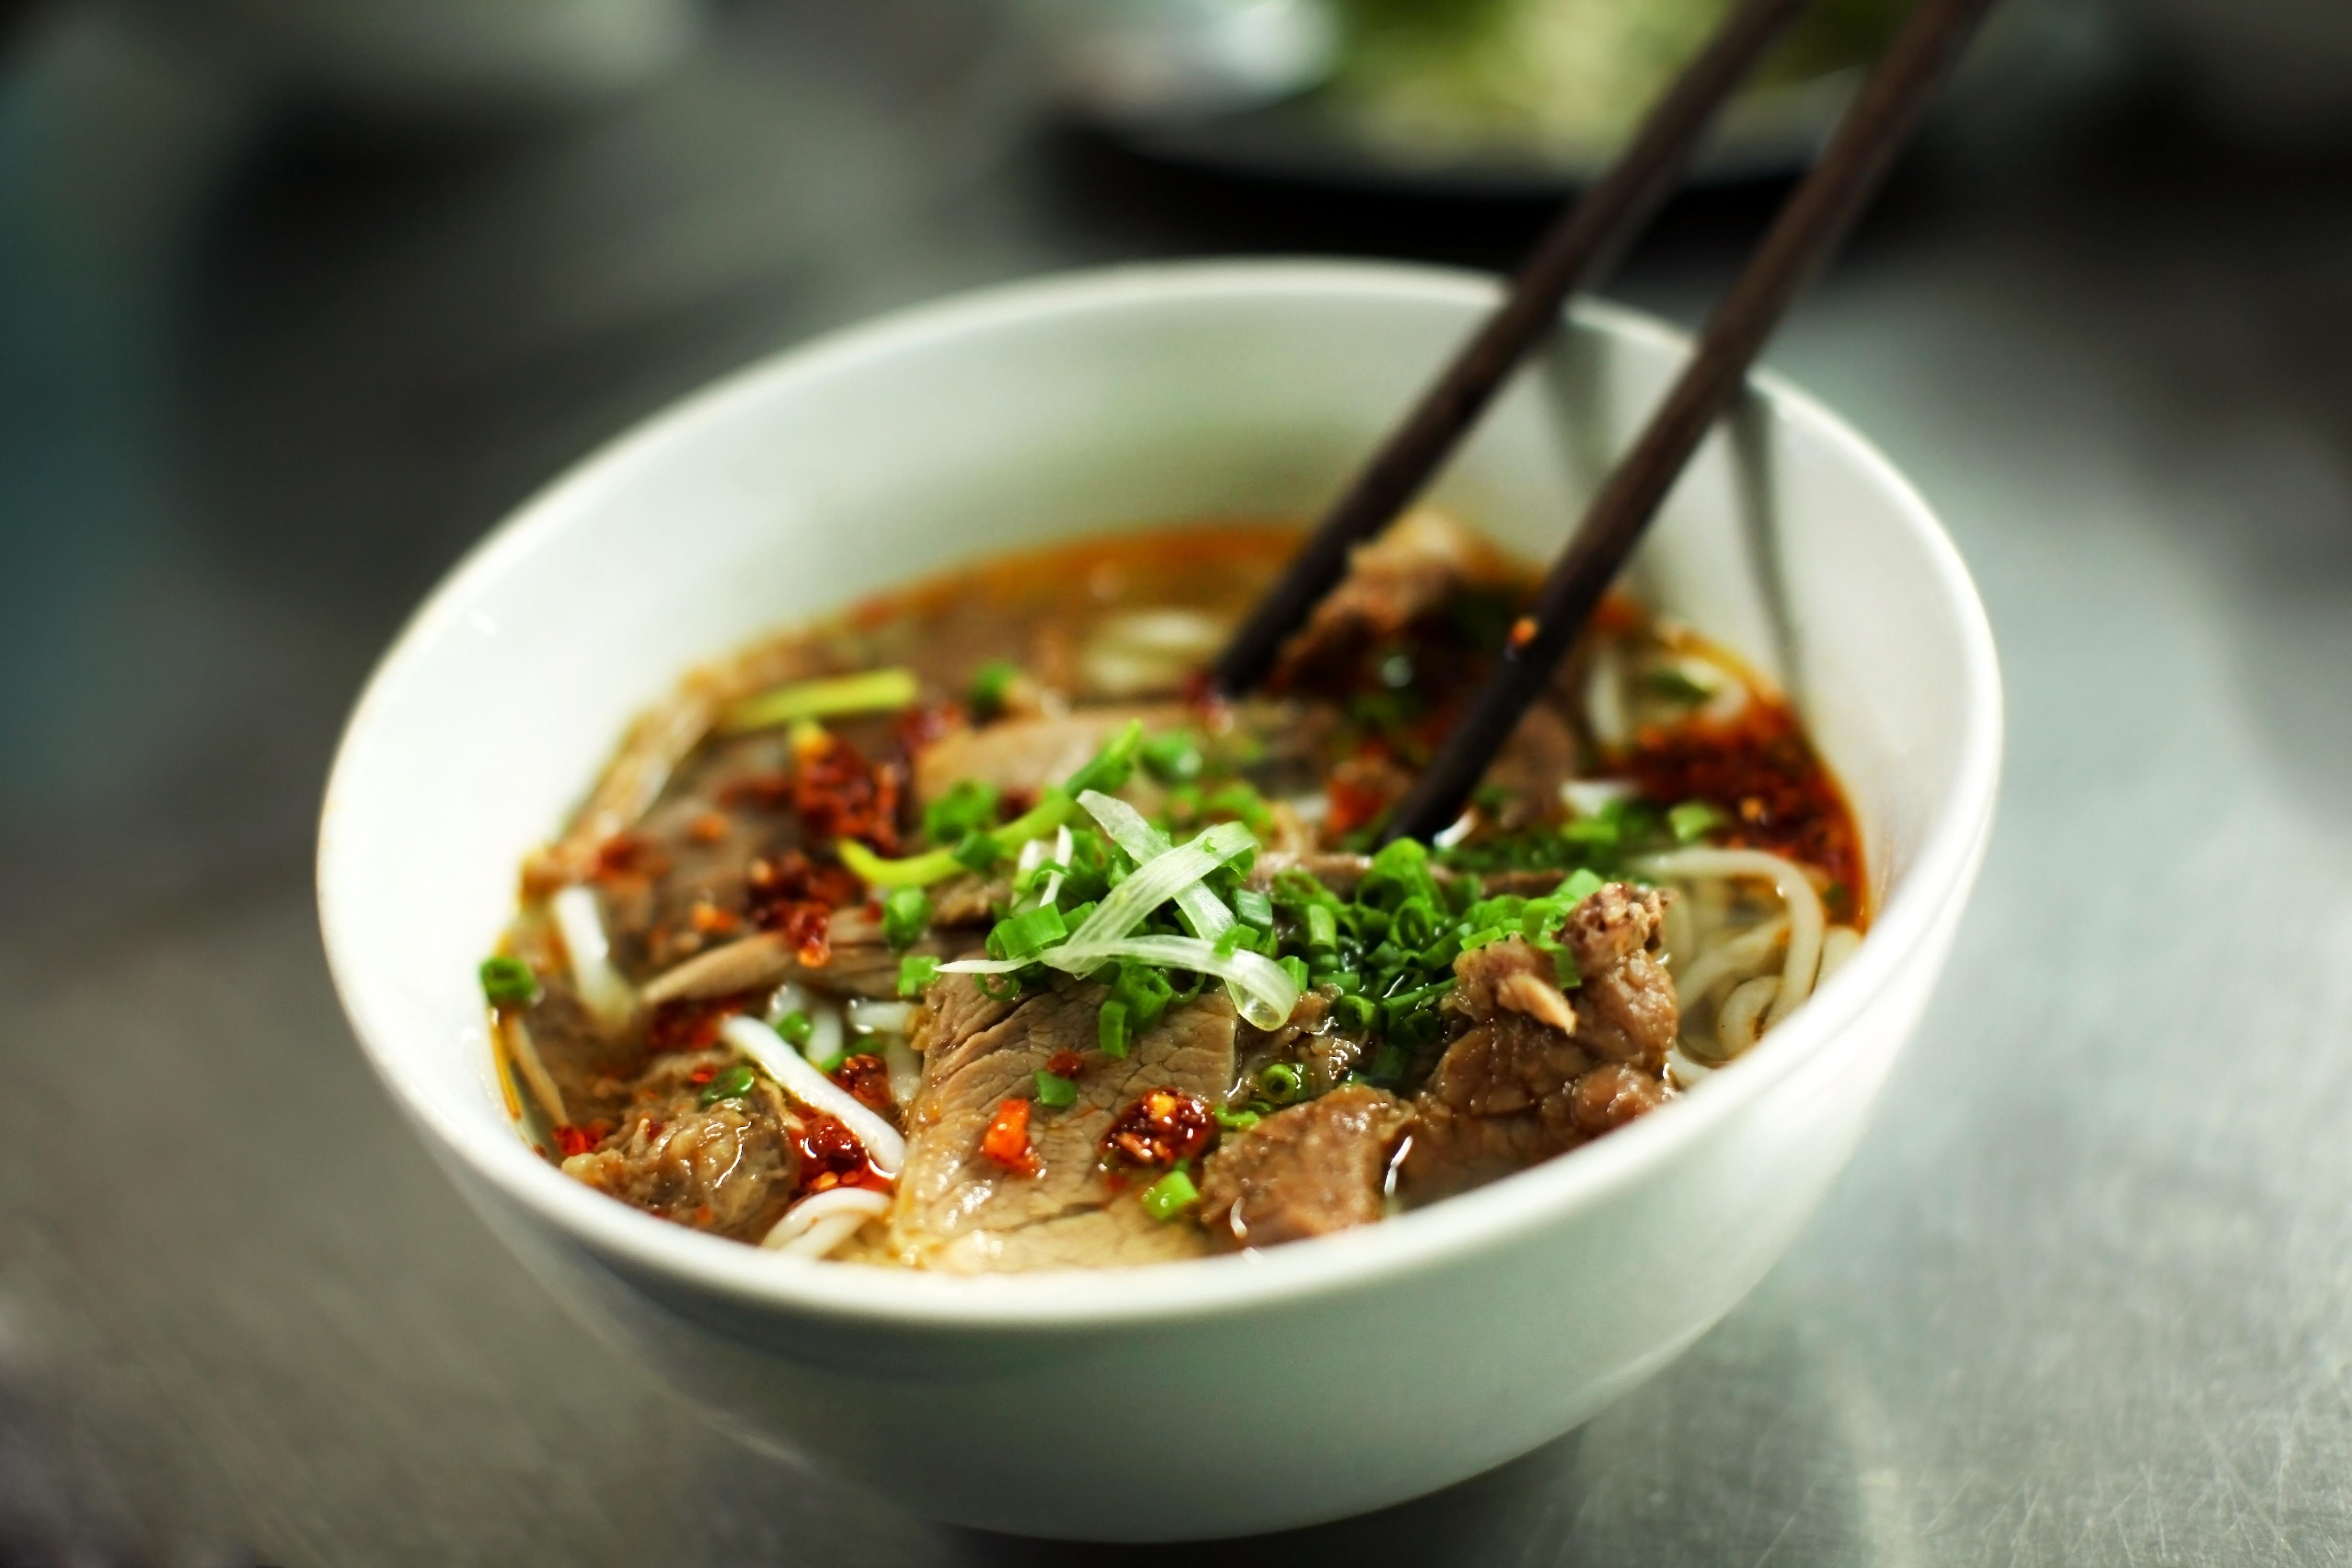 le Pho plat typique au Vietnam